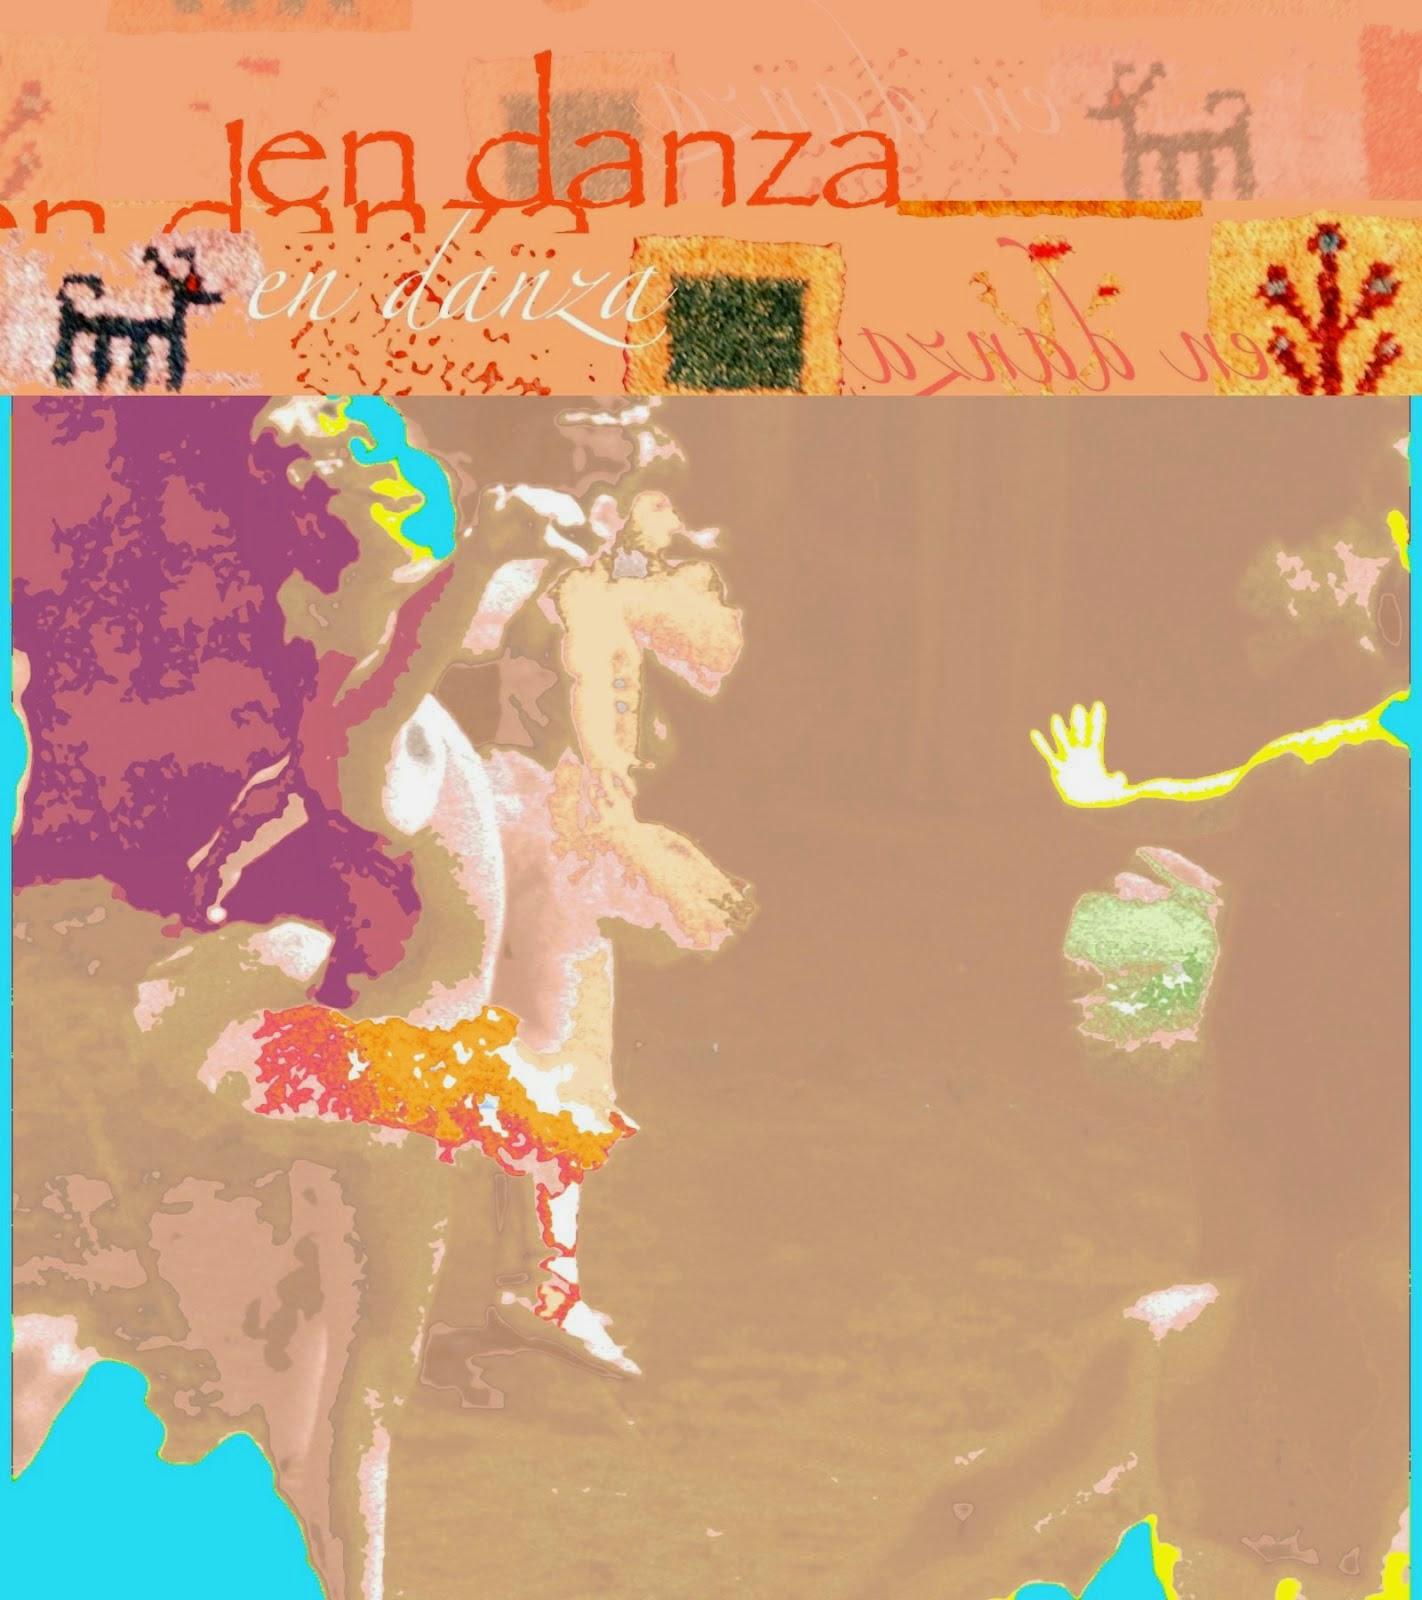 Apuntes, imágenes, escritos, poemas y collages de temas variados... Yoga, danza y más...